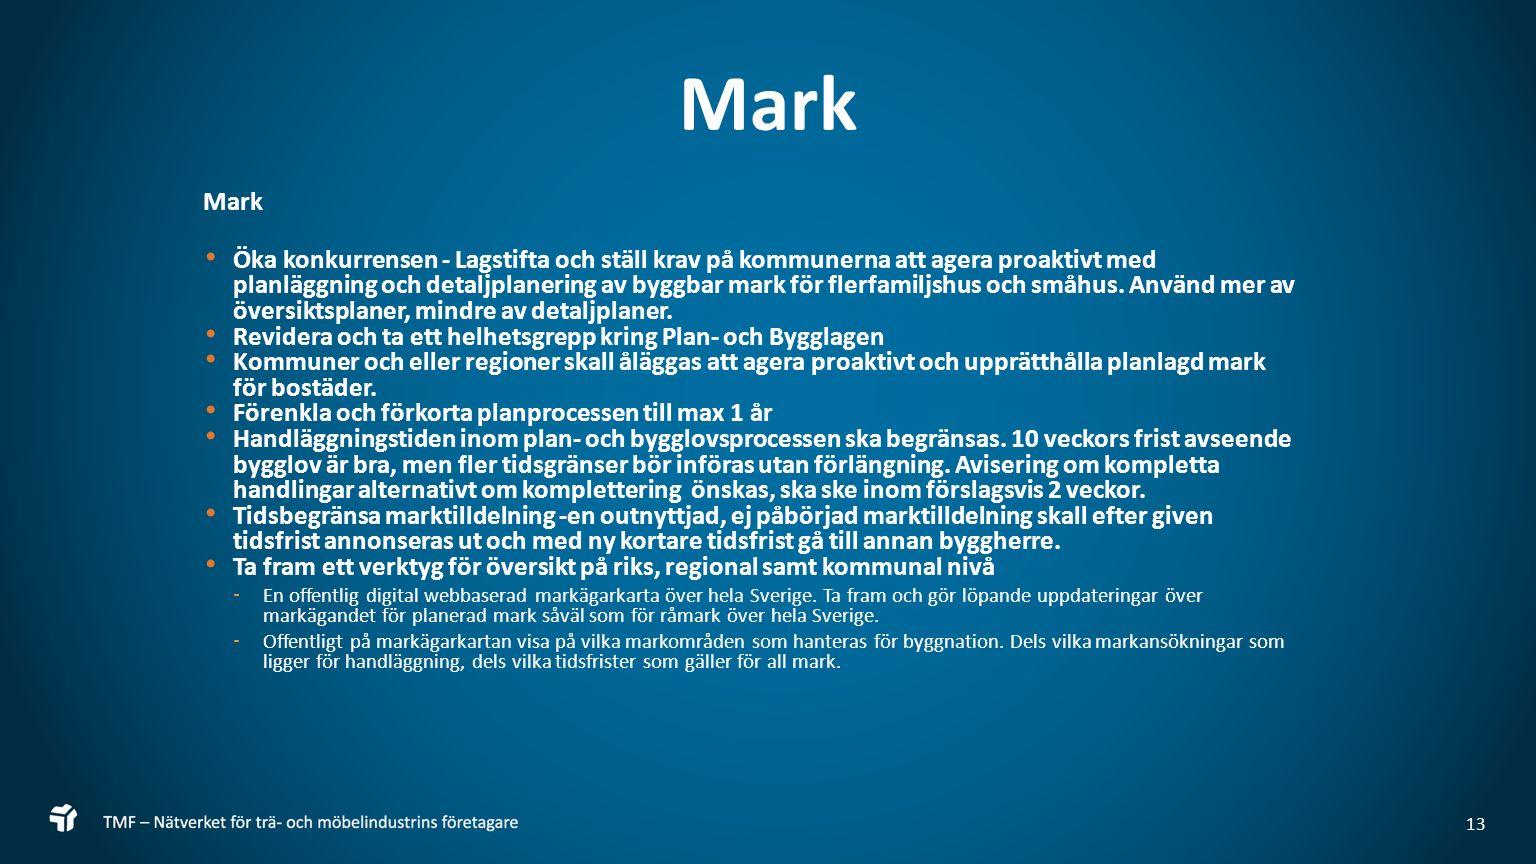 Mark Öka konkurrensen - Lagstifta och ställ krav på kommunerna att agera proaktivt med planläggning och detaljplanering av byggbar mark för flerfamilj